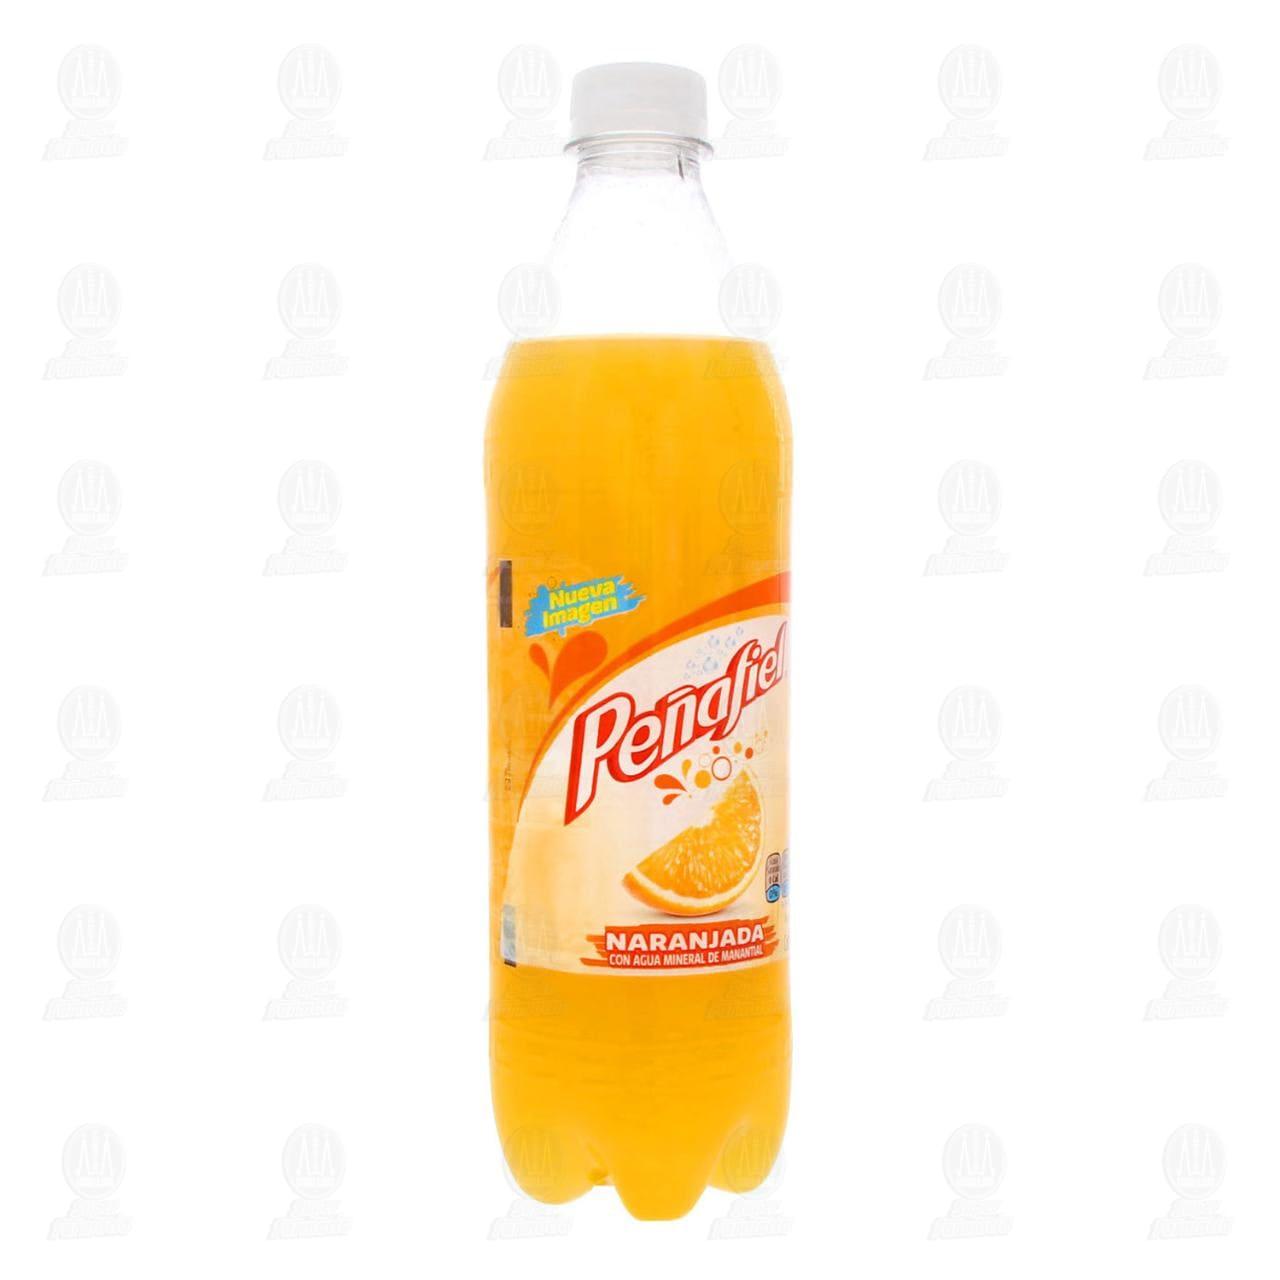 Agua Mineral Peñafiel Naranjada, 600 ml.